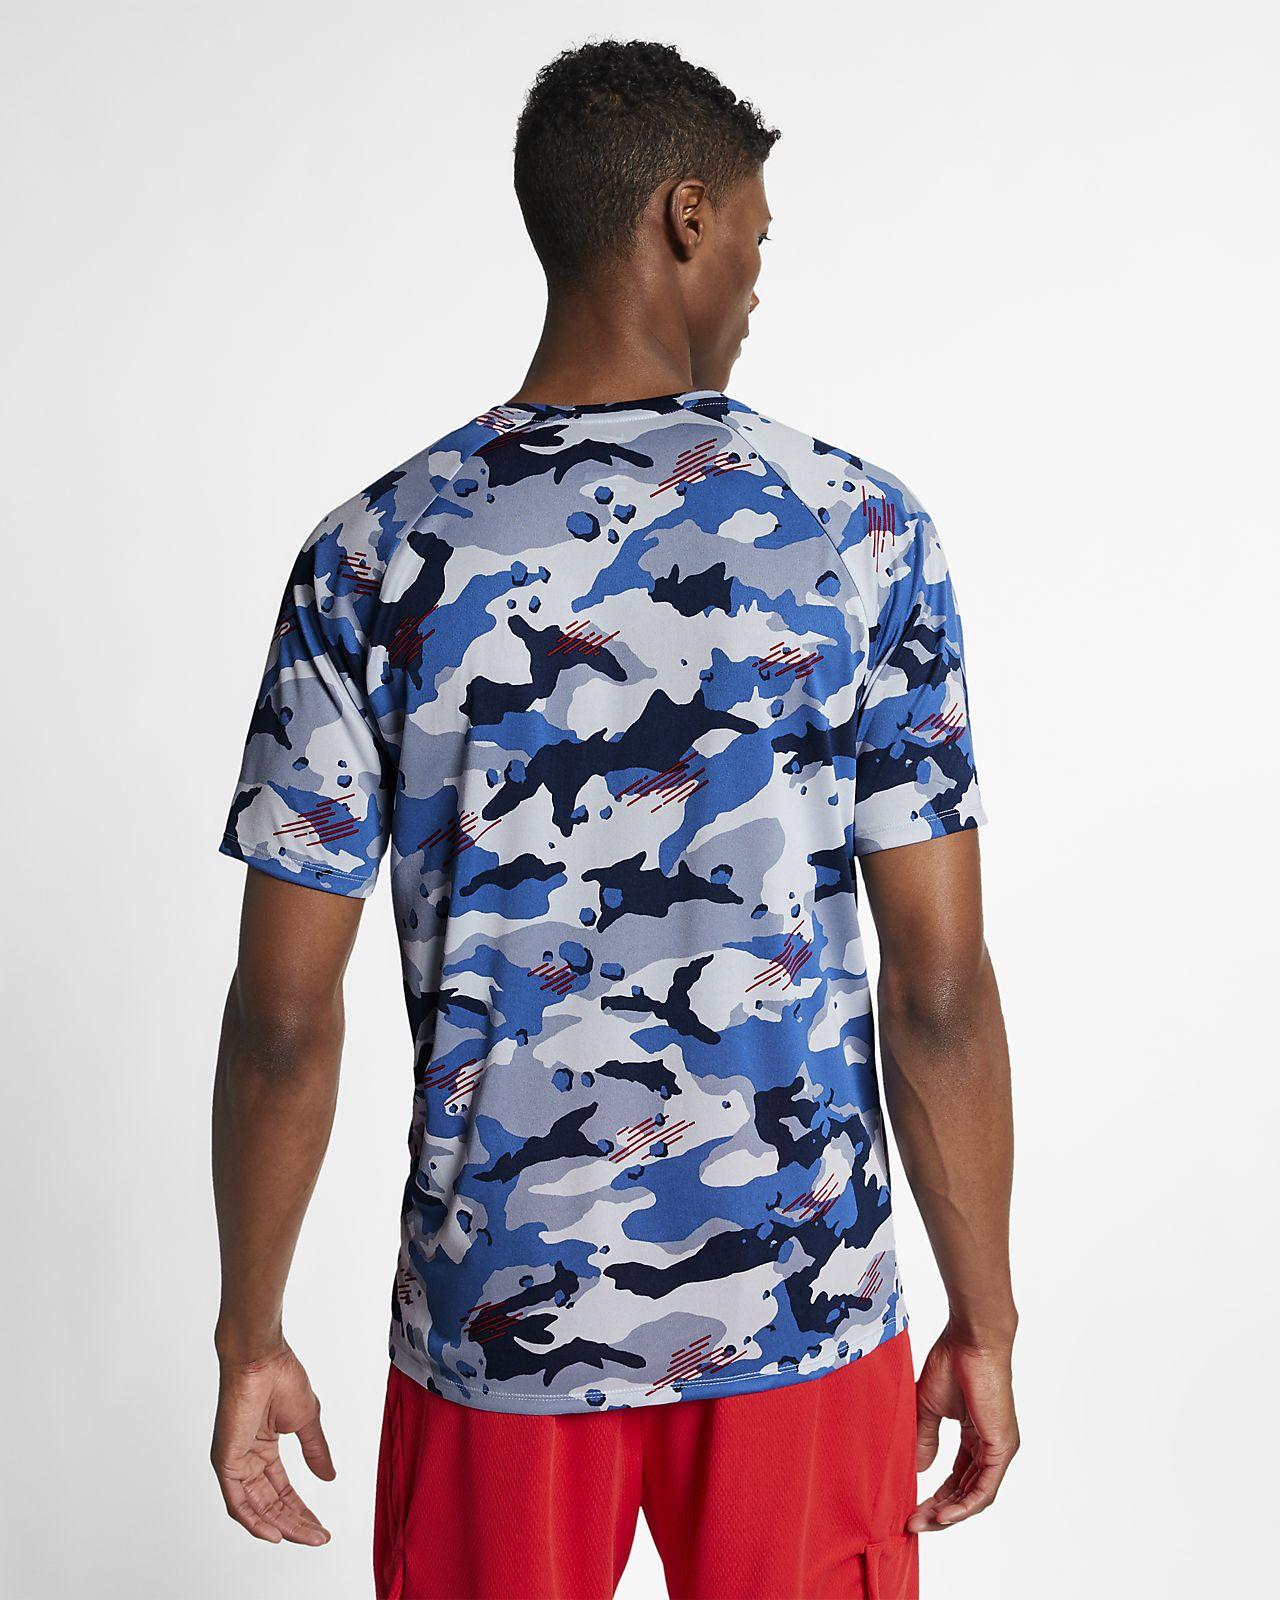 5819c6171ec1e4 Nike Dri-FIT Men s Training T-Shirt. Nike.com